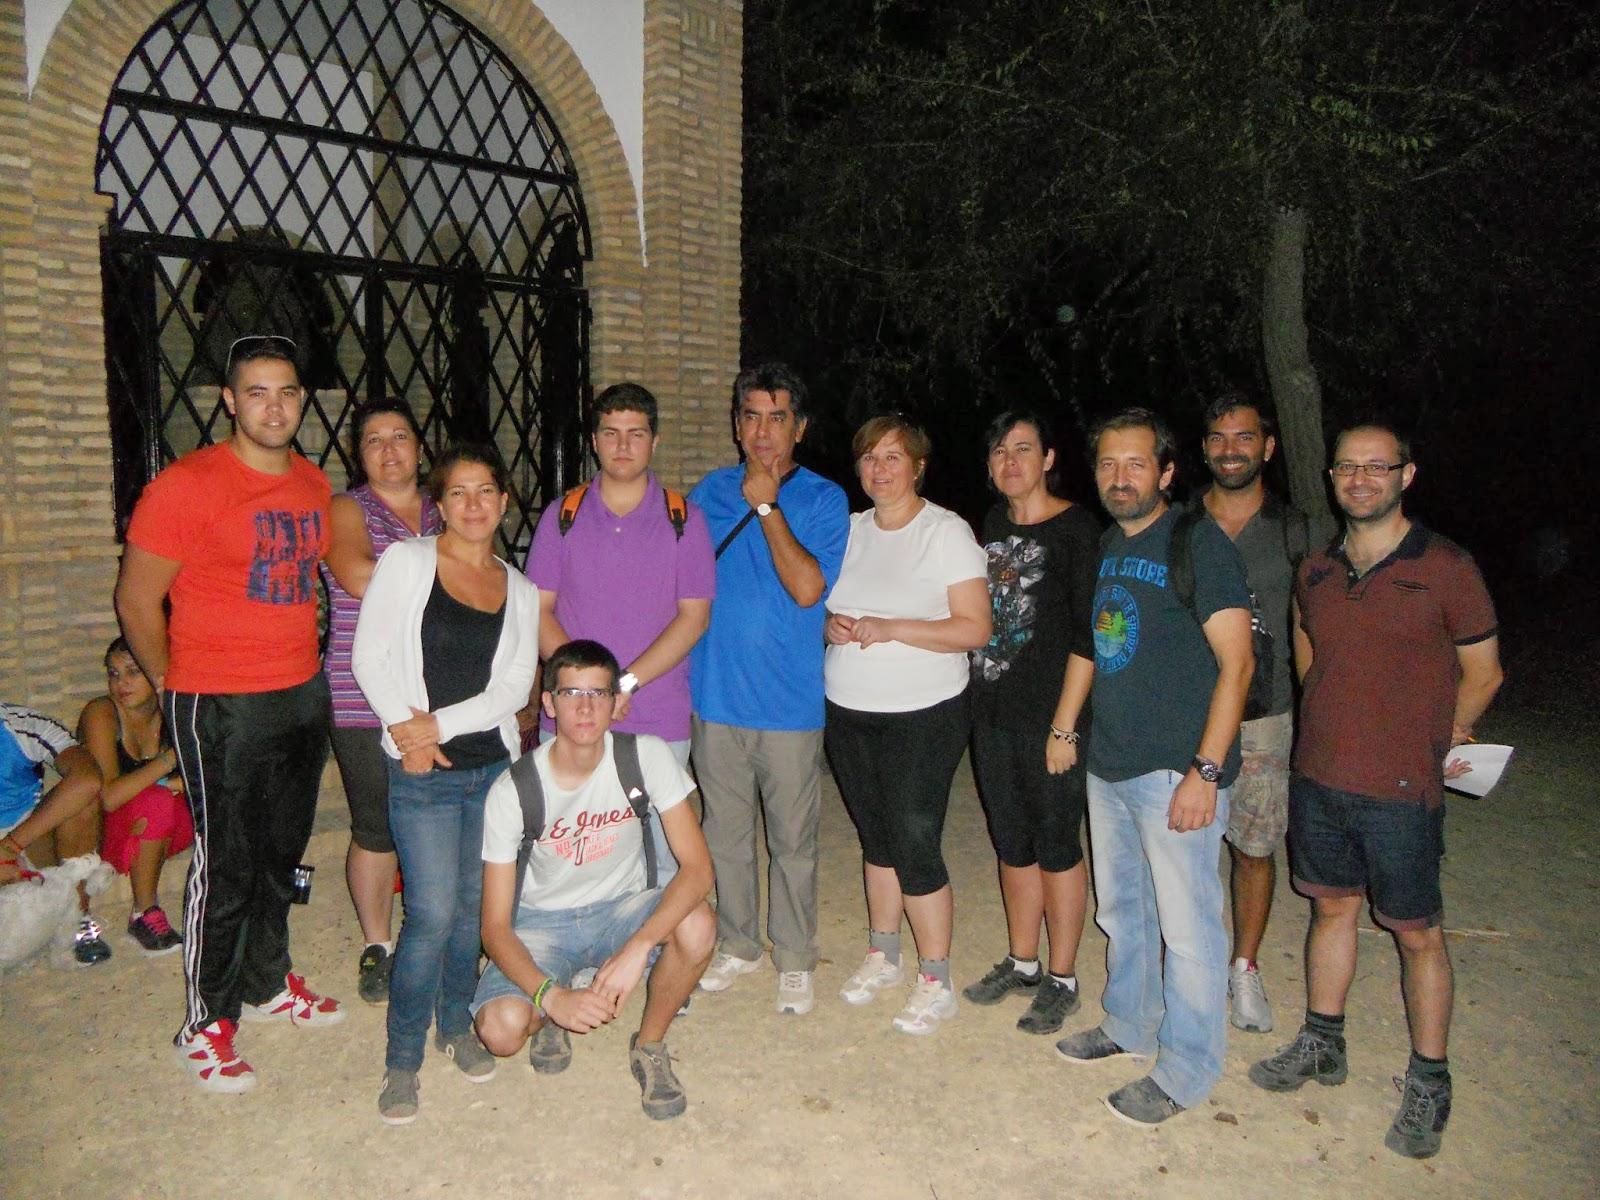 Convenio colaborativo para la realización de actividades de difusión en Tejada la Vieja